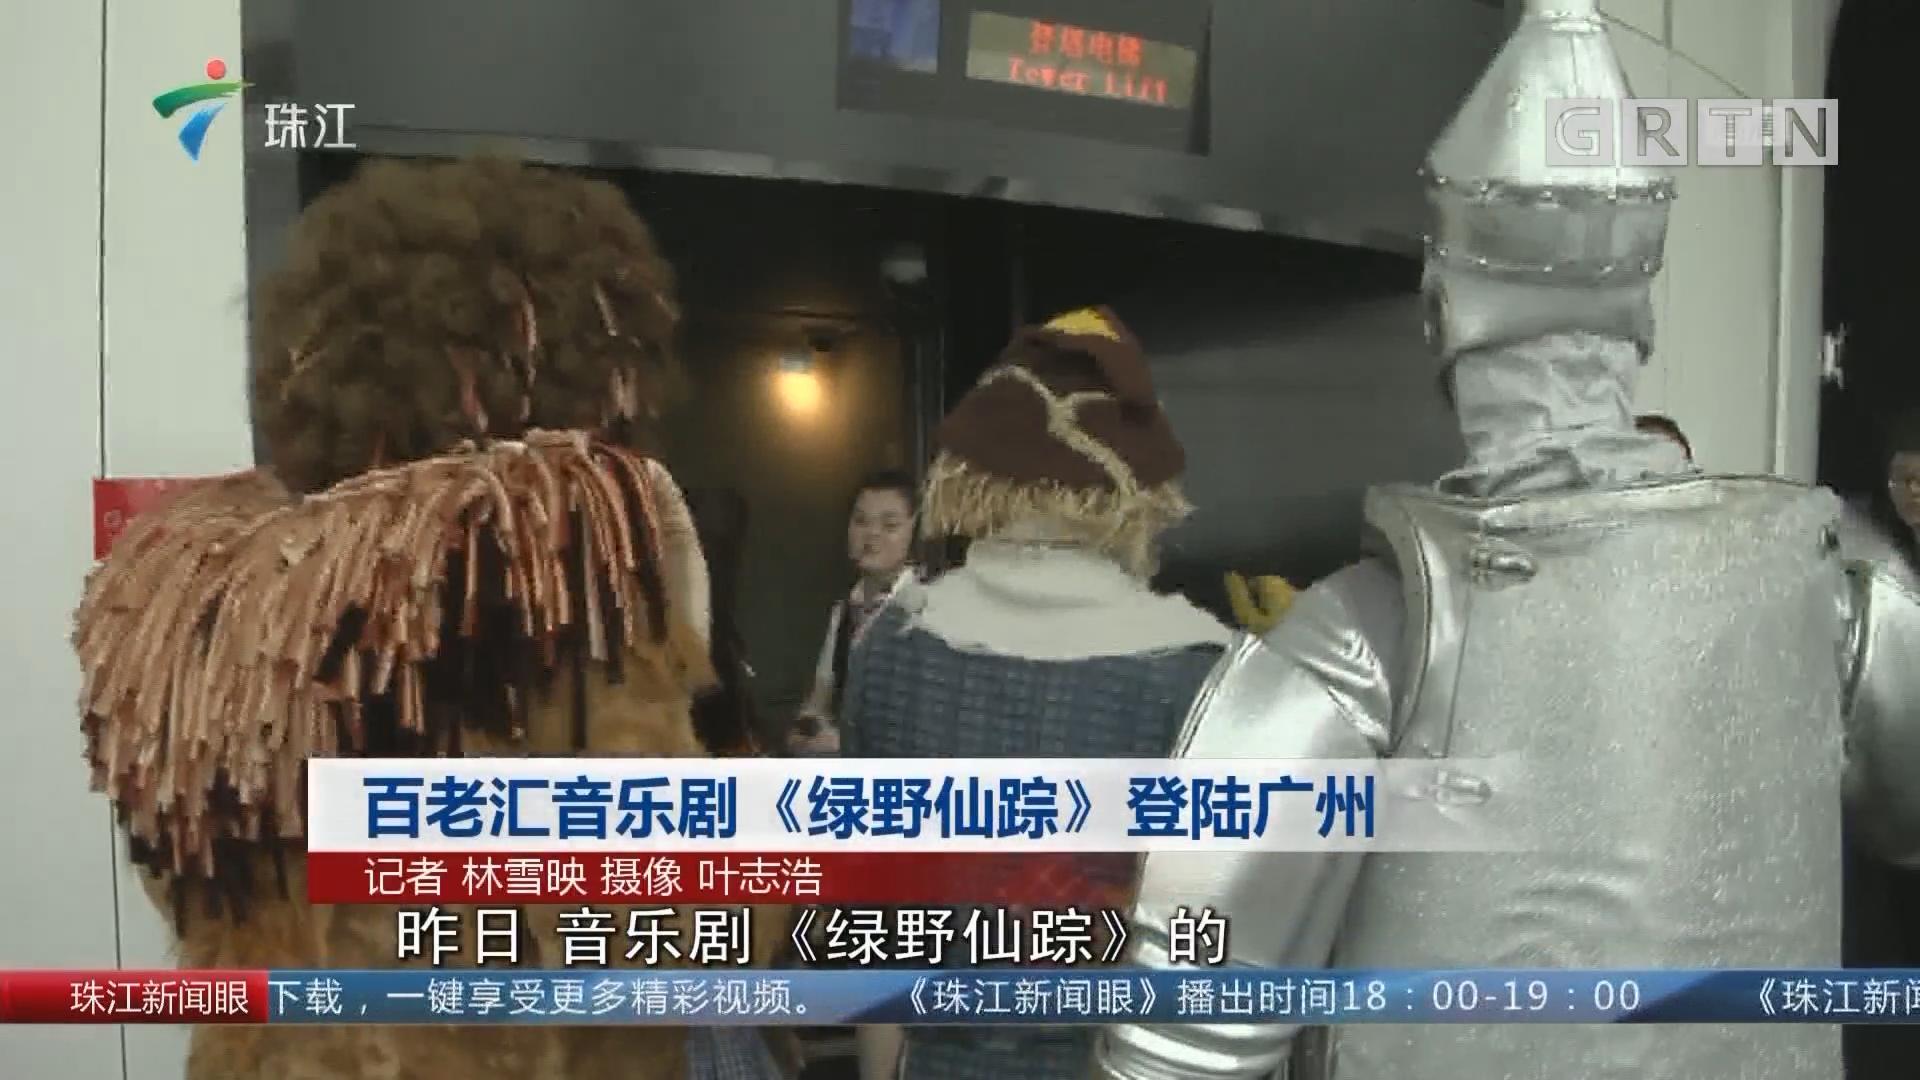 百老汇音乐剧《绿野仙踪》登陆广州